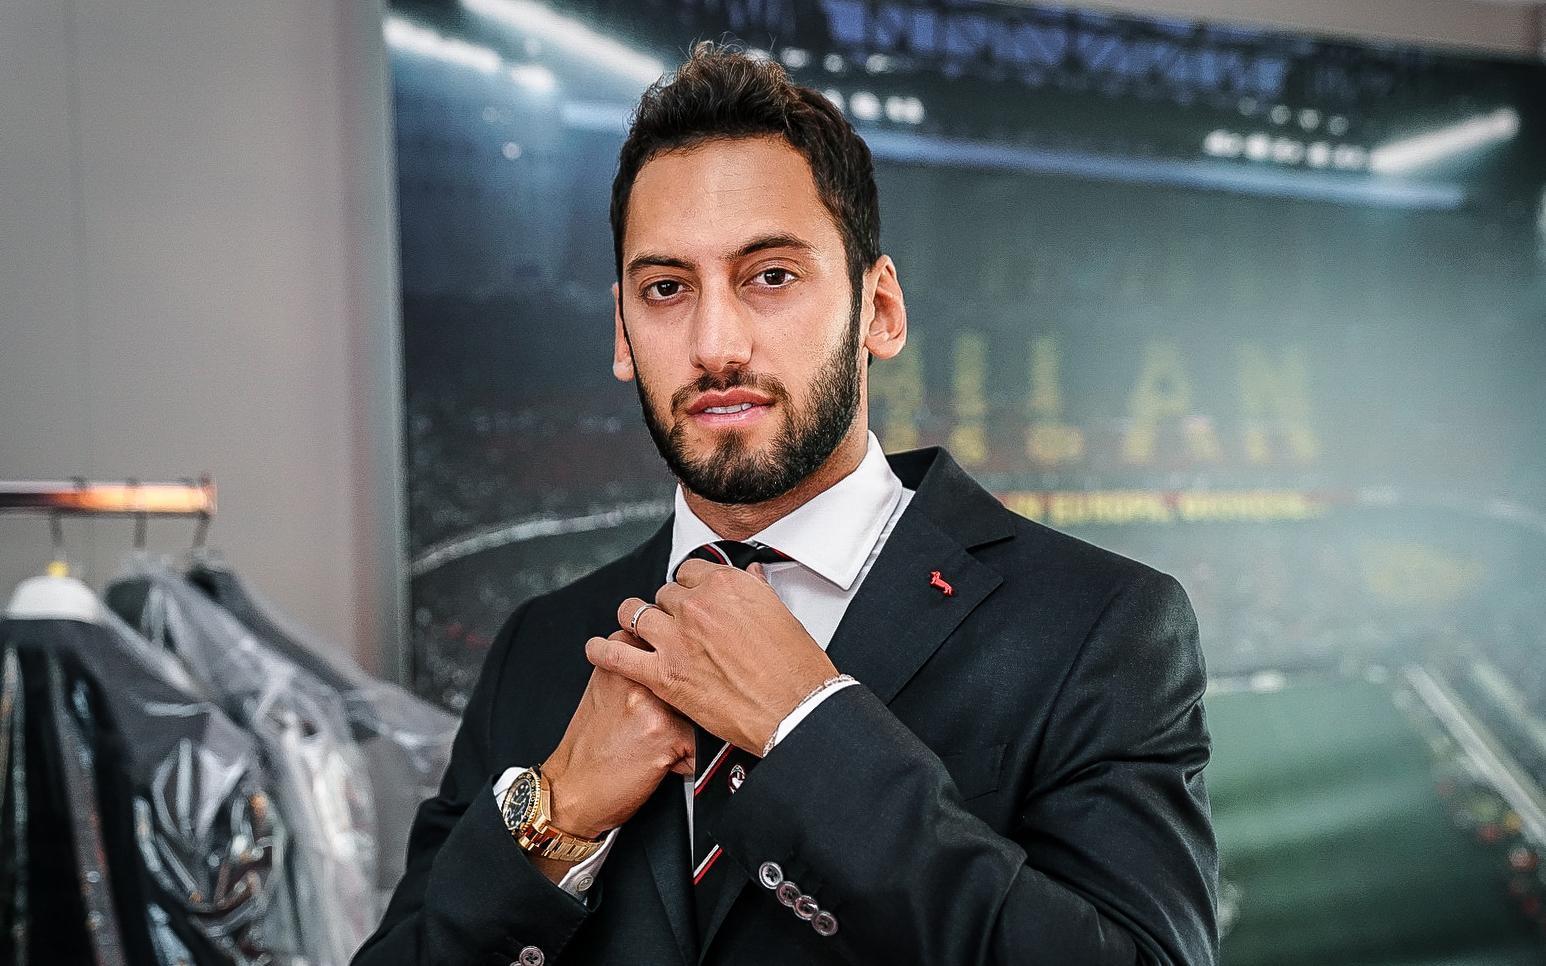 AC Milan e Harmont &amp; Blaine&nbsp;hanno dato vita a una nuova partnership. L&#39;azienda italiana di abbigliamento, caratterizzata dal noto bassotto, sar&agrave; per le stagioni 2020/2021 e 2021/2022&nbsp;Official Style Partner&nbsp;del Club rossonero e fornir&agrave; le divise ufficiali formali per la Prima Squadra maschile, la Prima Squadra femminile e i rispettivi staff.<br /><br />